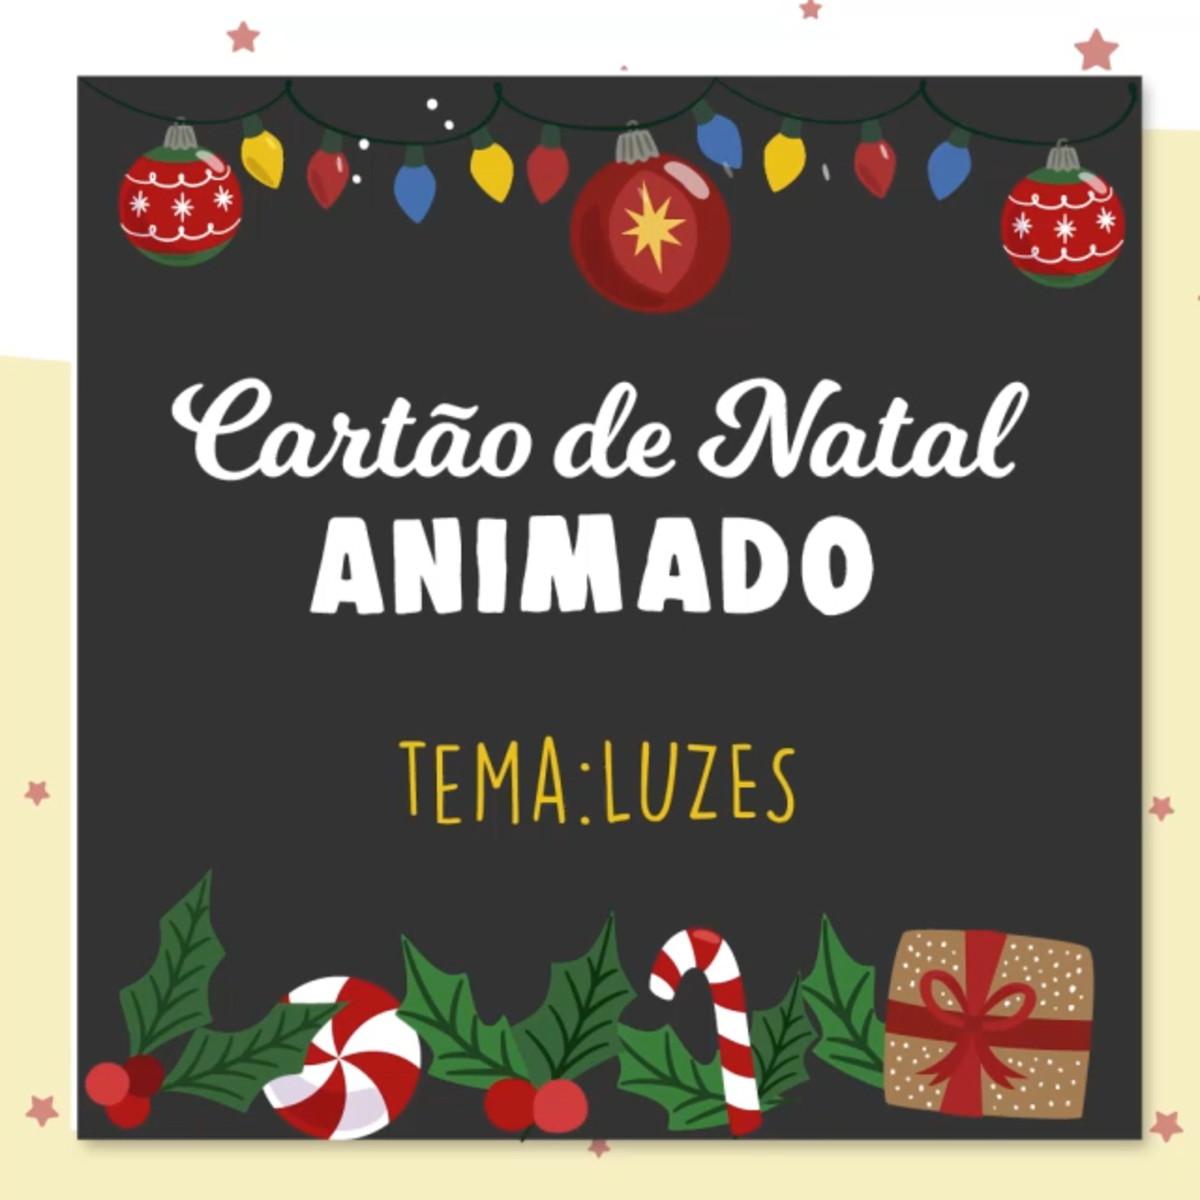 Cartao De Natal Animado Animacao 2d Tema Luzes No Elo7